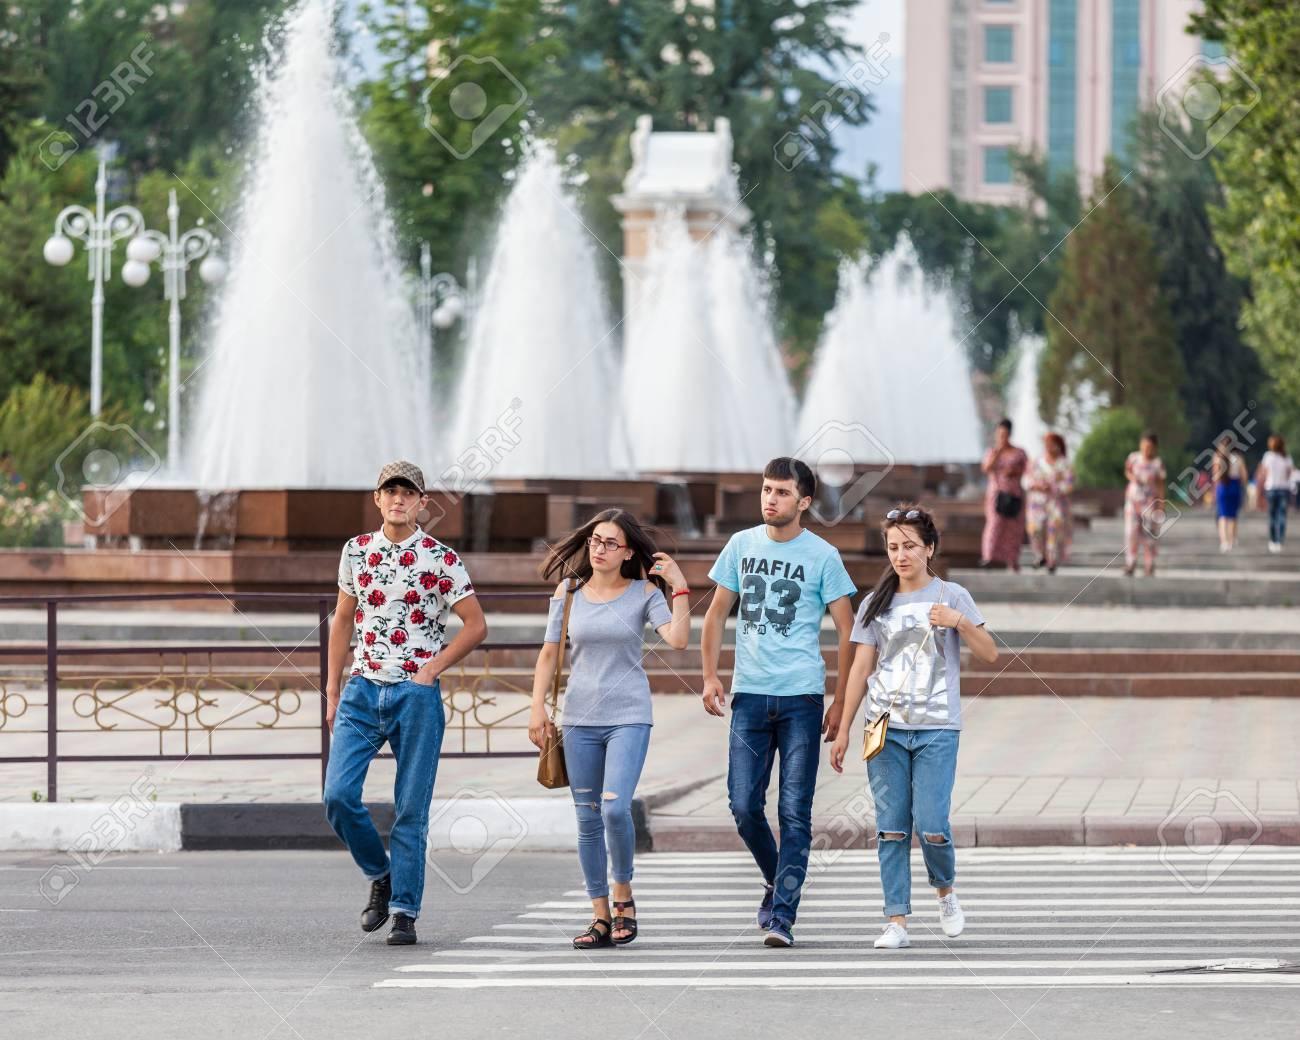 Exposition Tadjikistan, au pays des fleuves d'or au musée Guimet